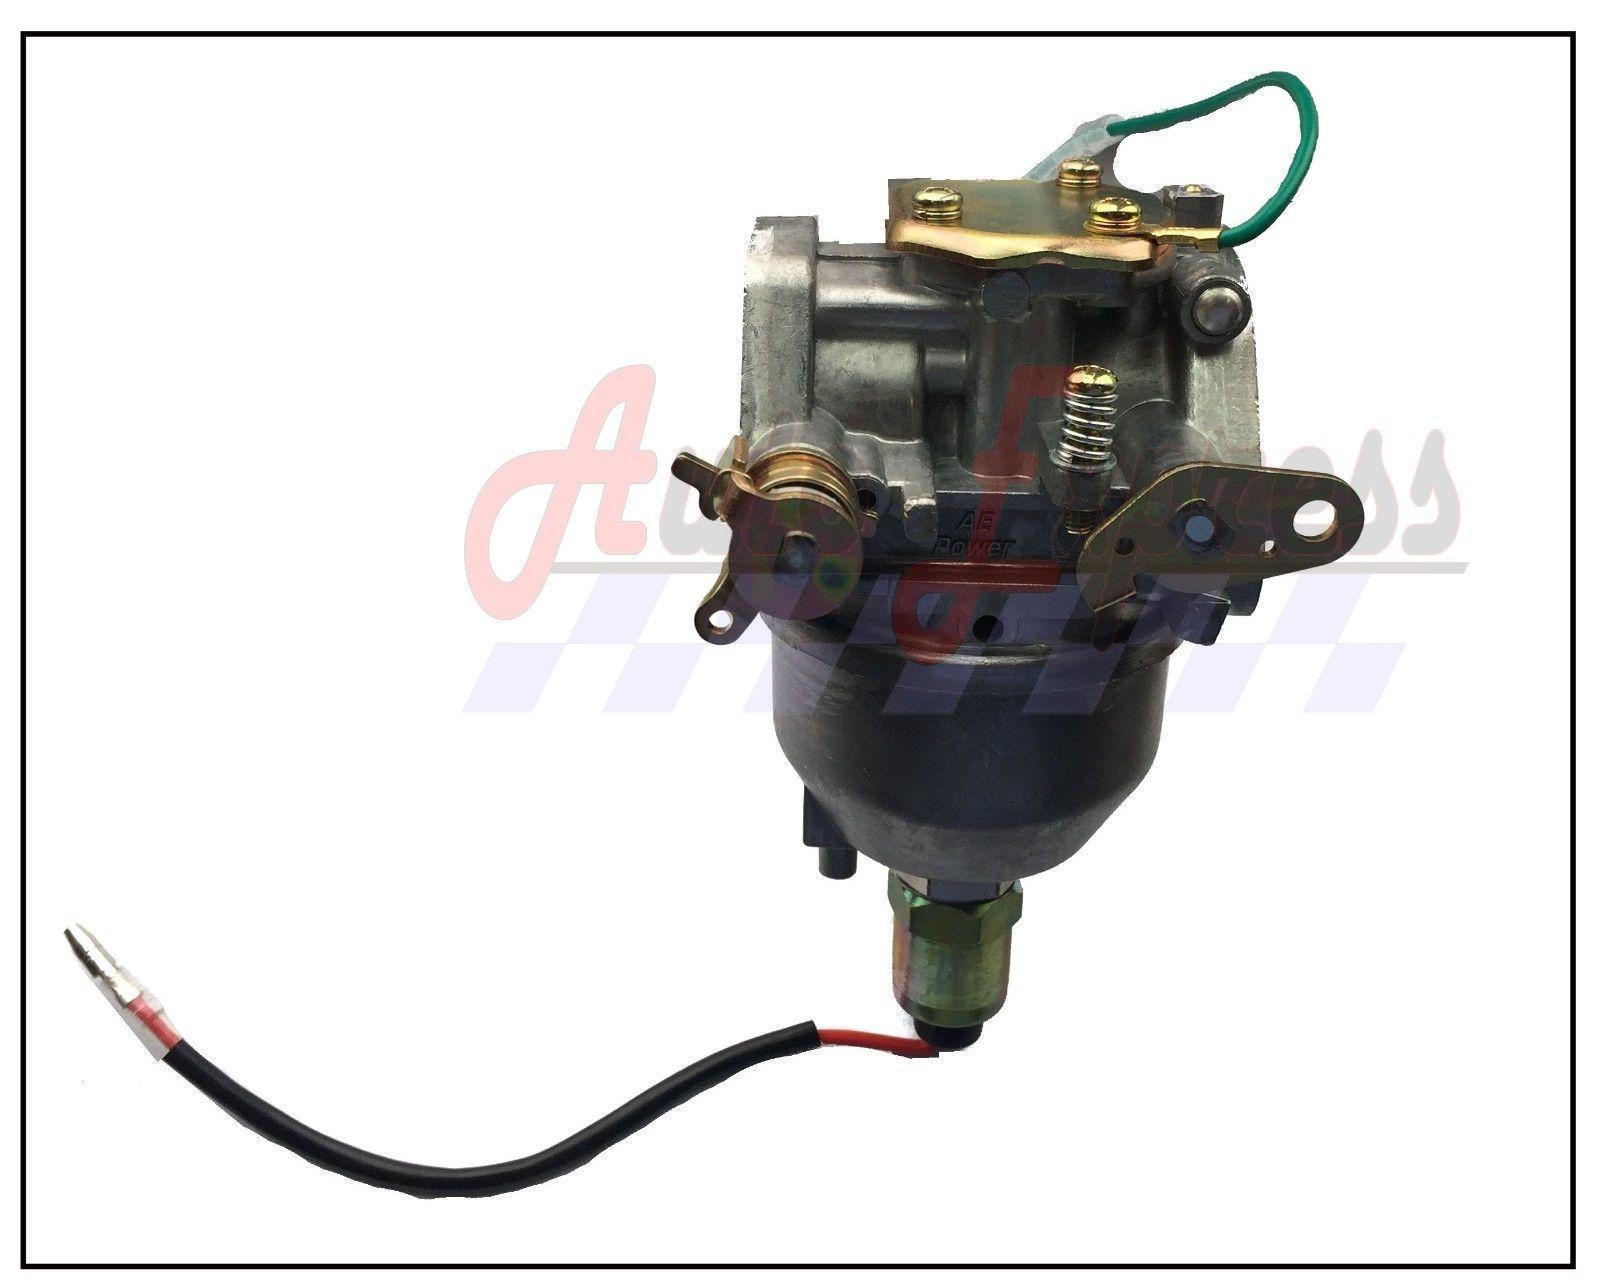 Carburetor Fits Kohler CH18 - CH26 With Free Filter Kit Nikki Carb image 4